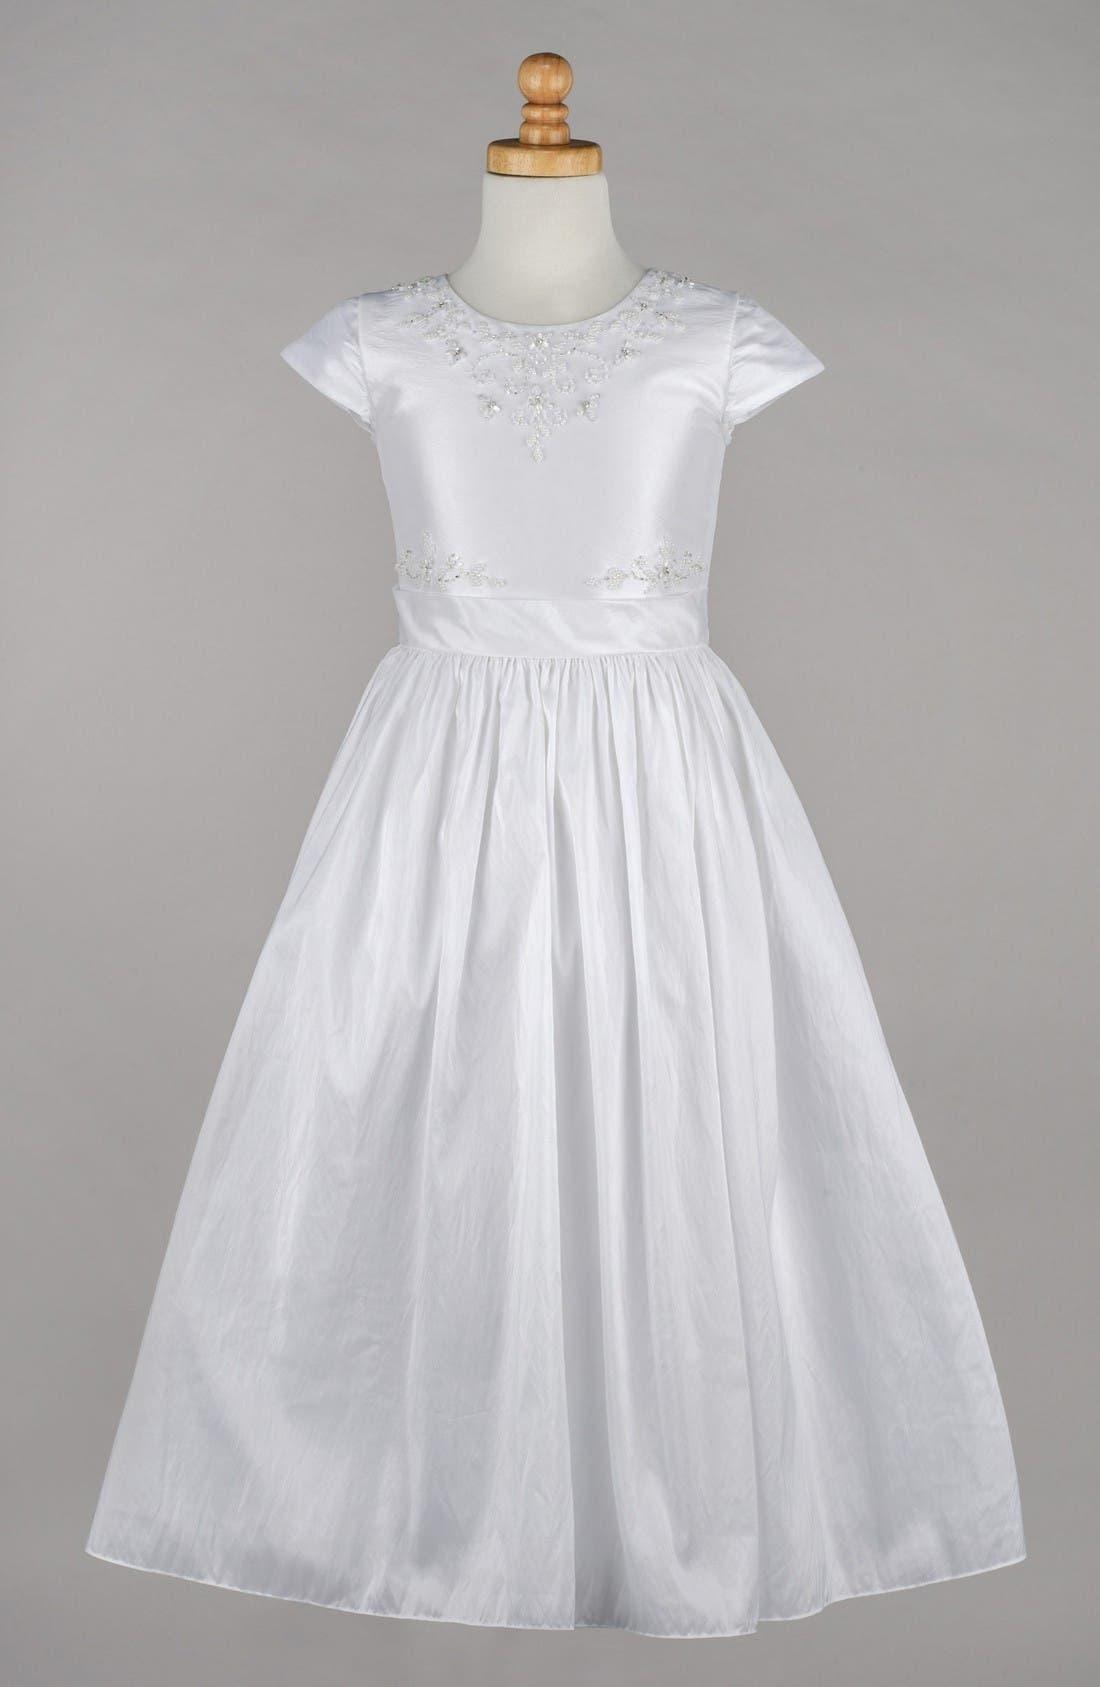 LAUREN MARIE Beaded Taffeta First Communion Dress